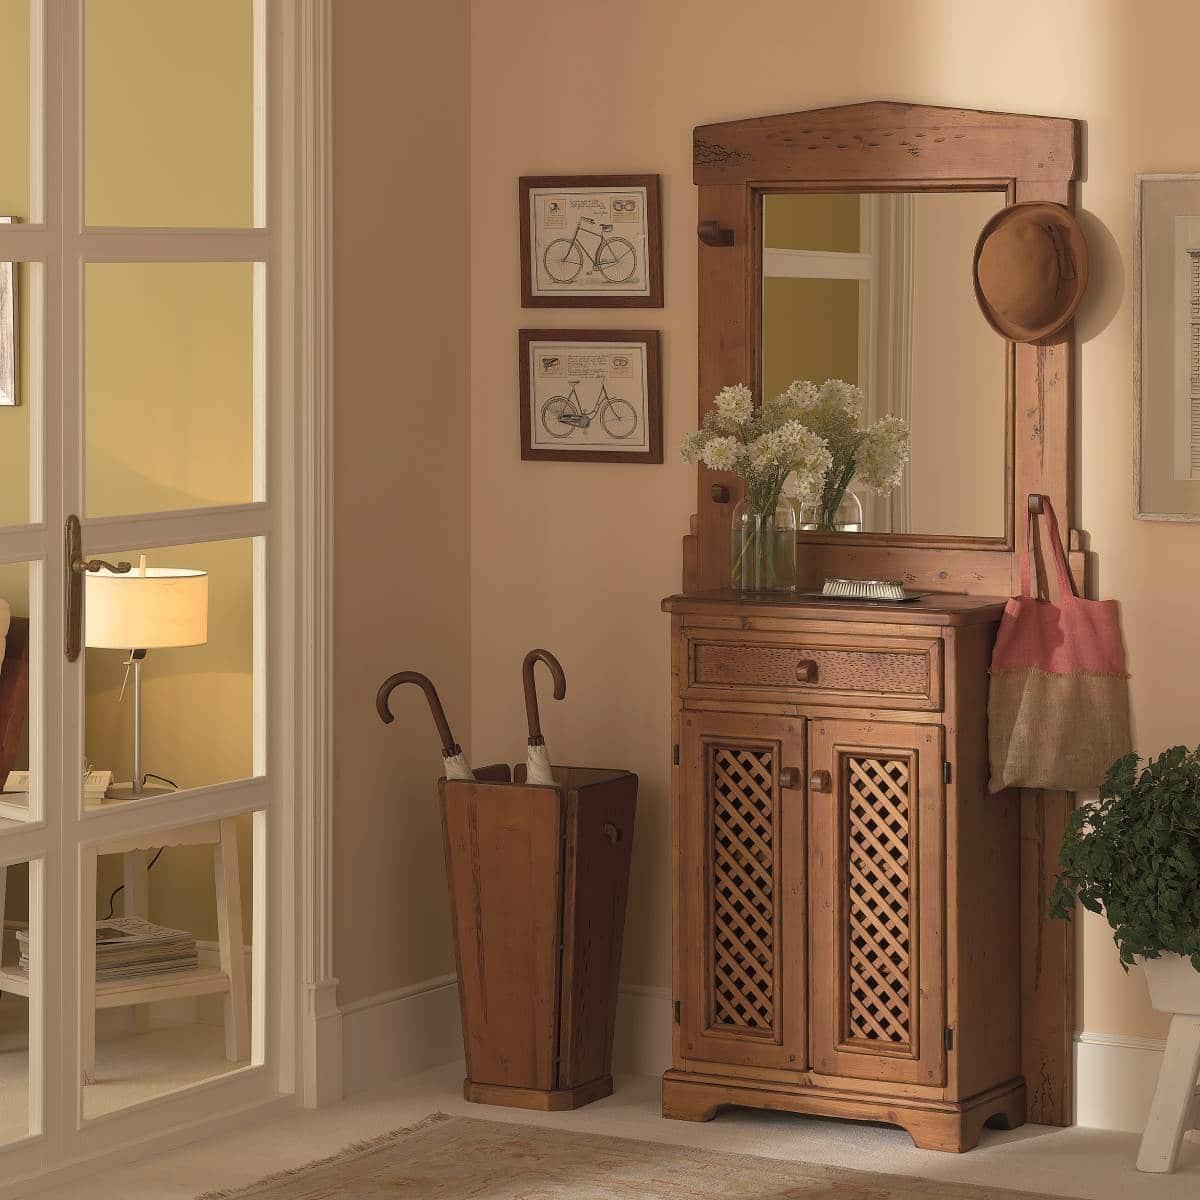 Recibidor r stico con puertas ecor stico venta de muebles - Recibidor con armario ...